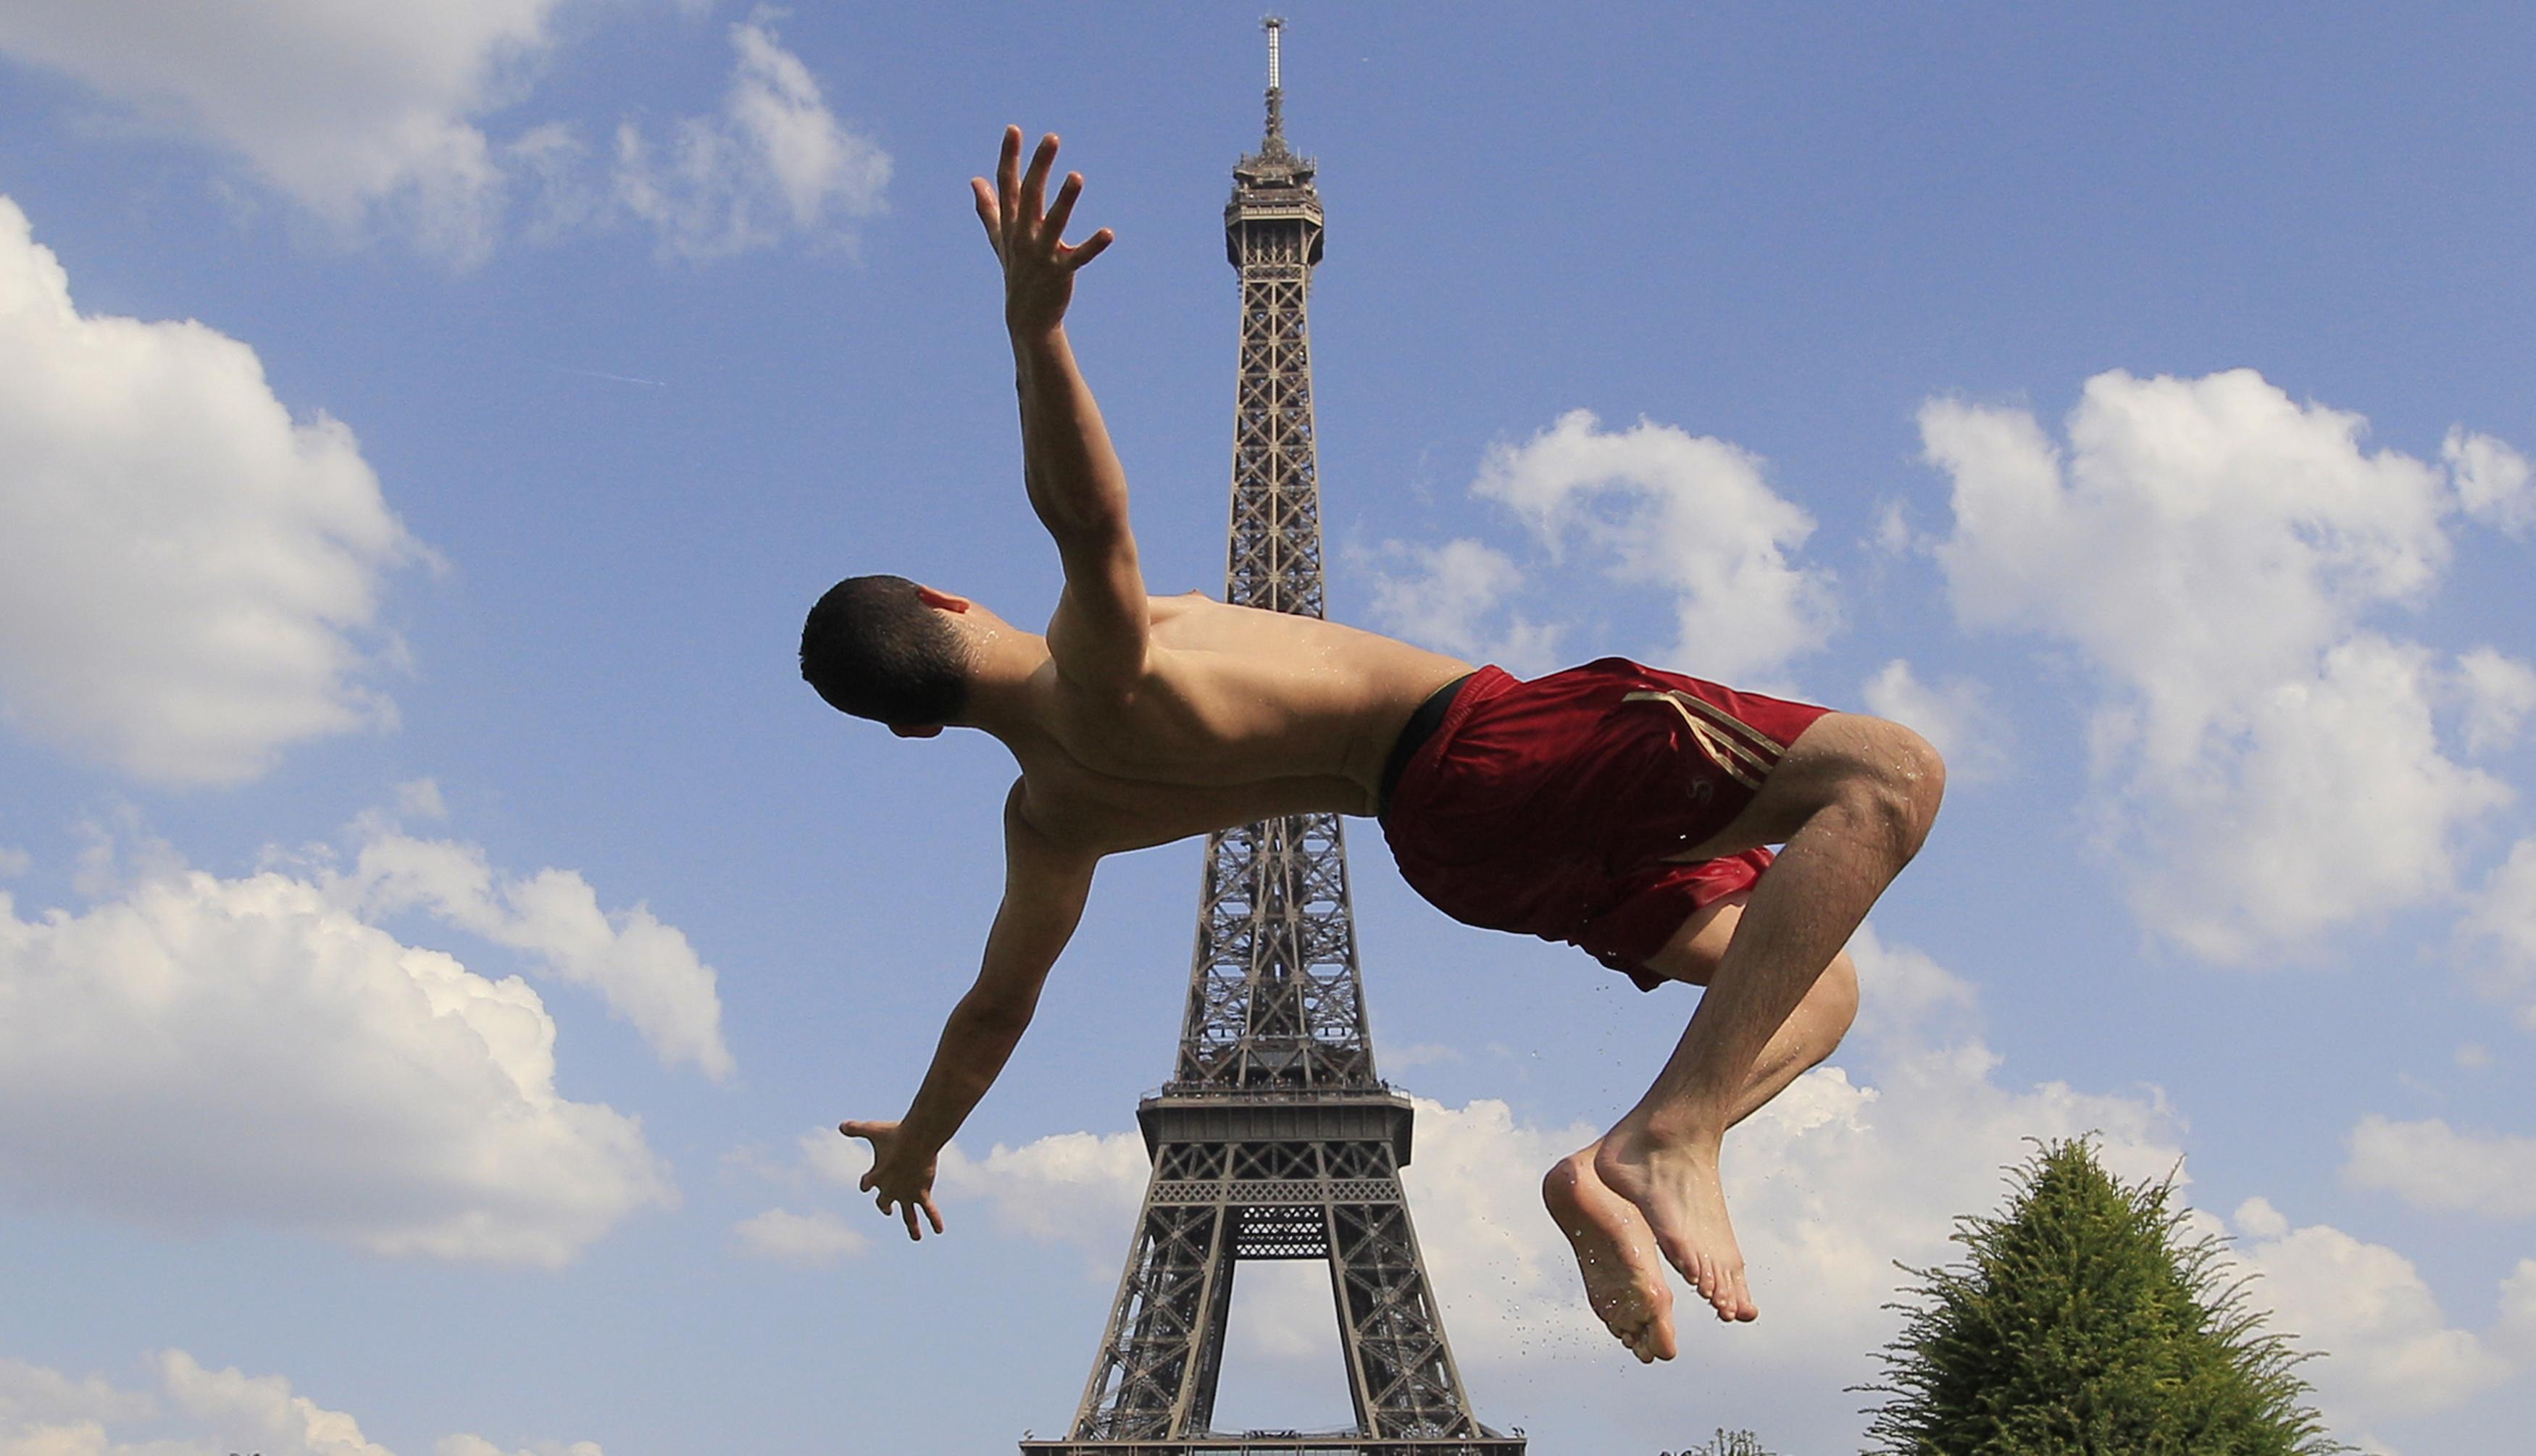 FRANÇA, 19.7.2013. Um rapaz salta numa fonte da praça Trocadero em frente da Torre Eiffel